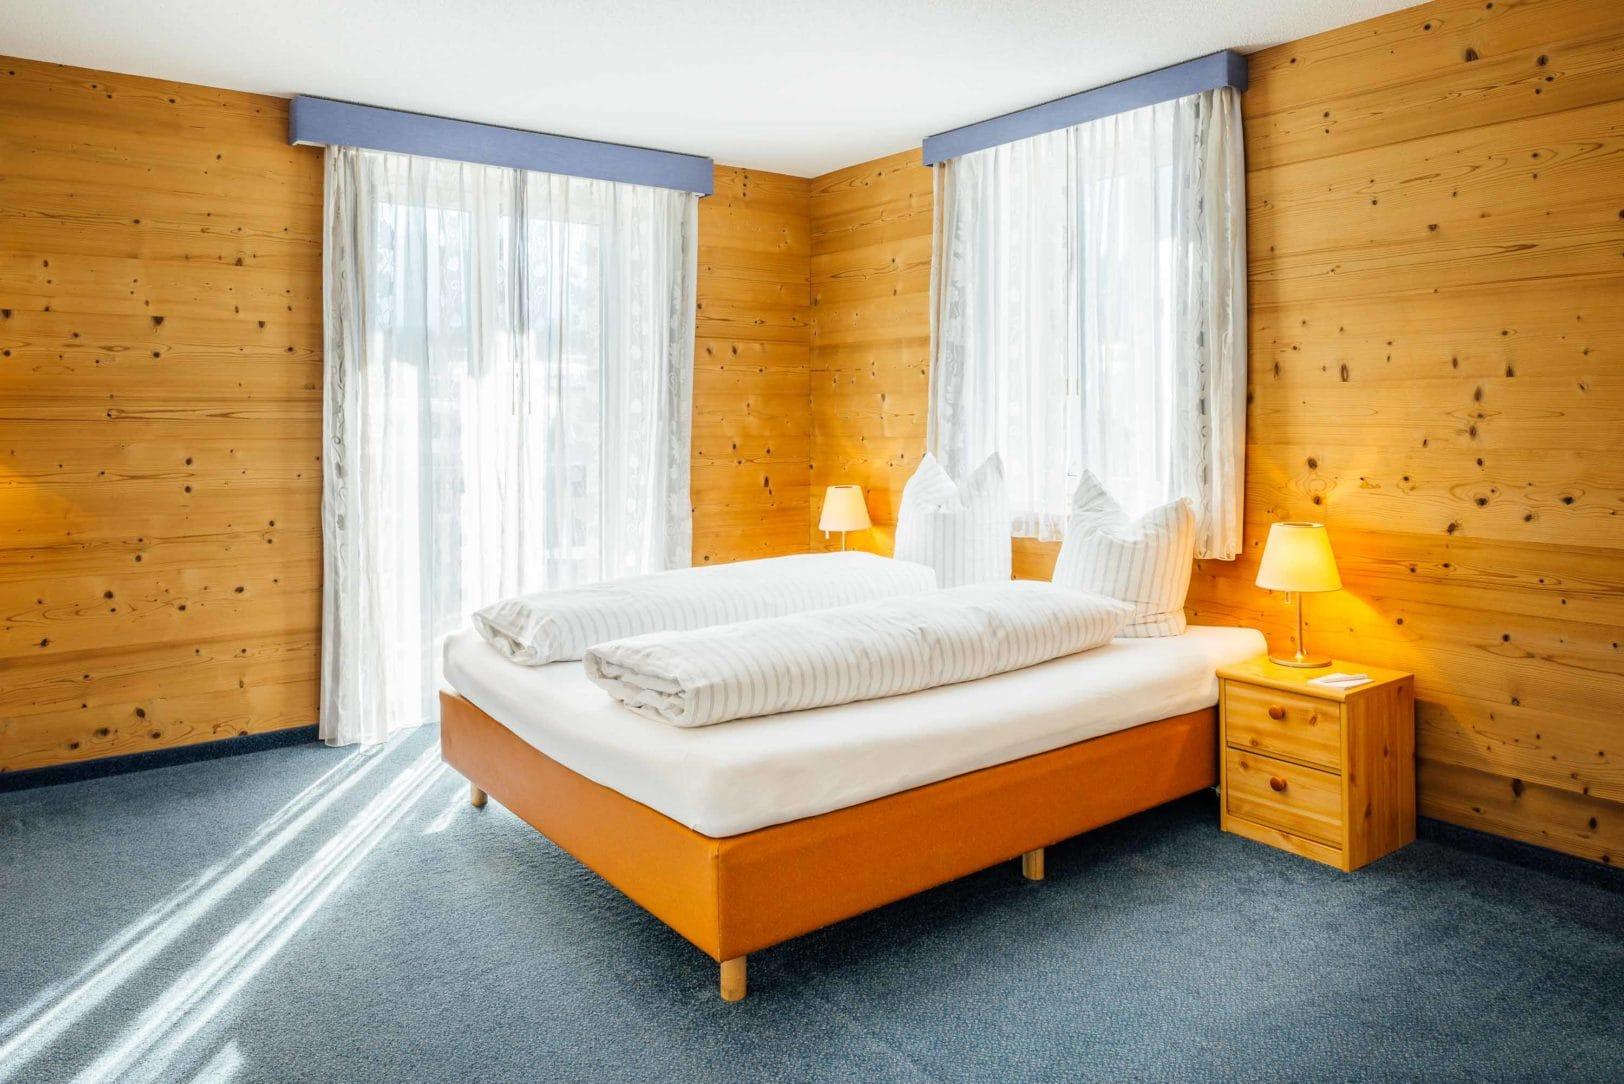 HotelBellevueFlims_Fotos_2019-15